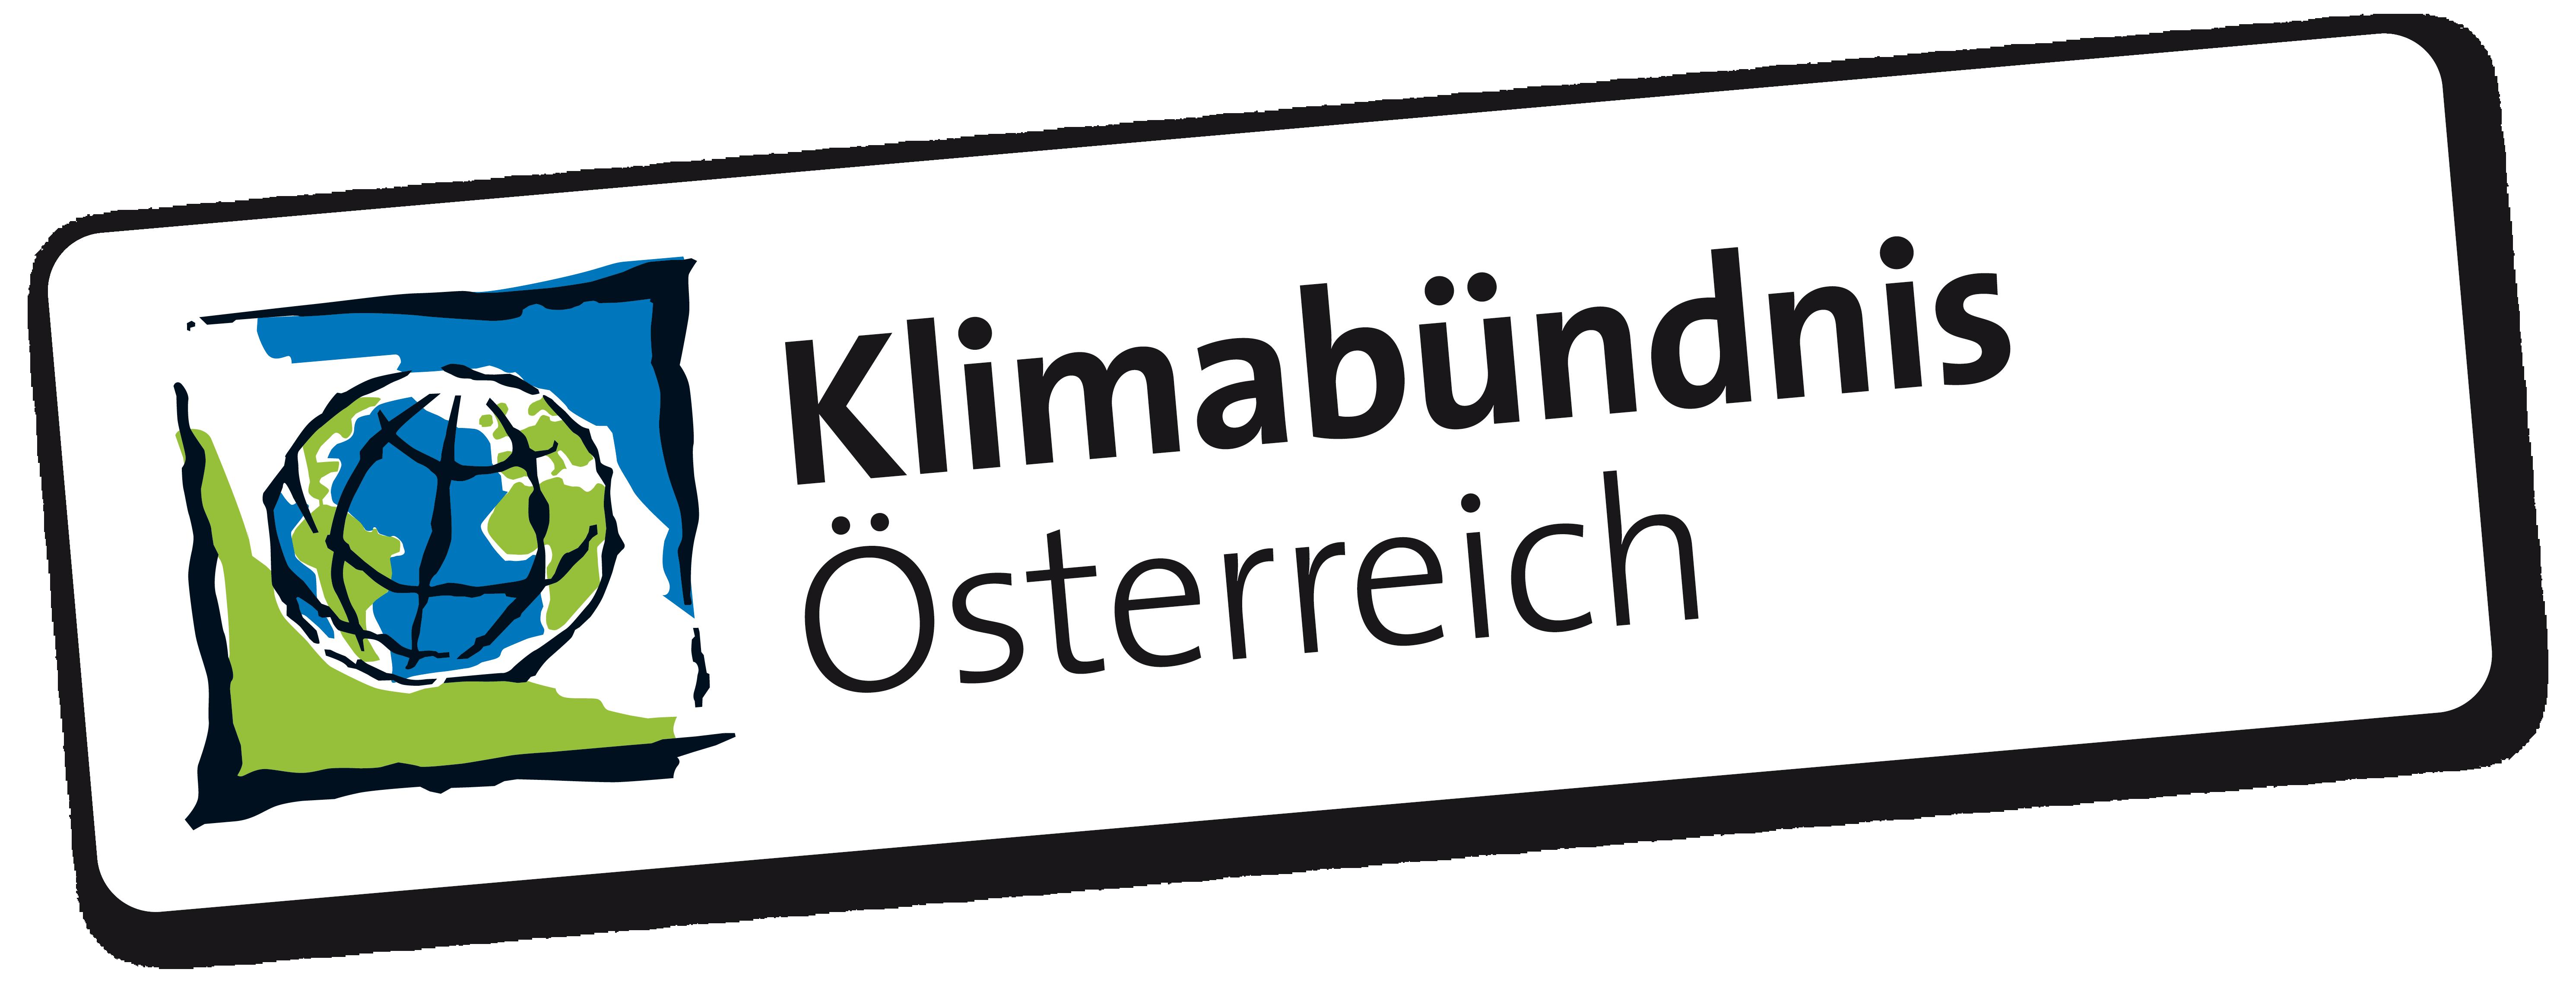 kbu_logo_oesterreich